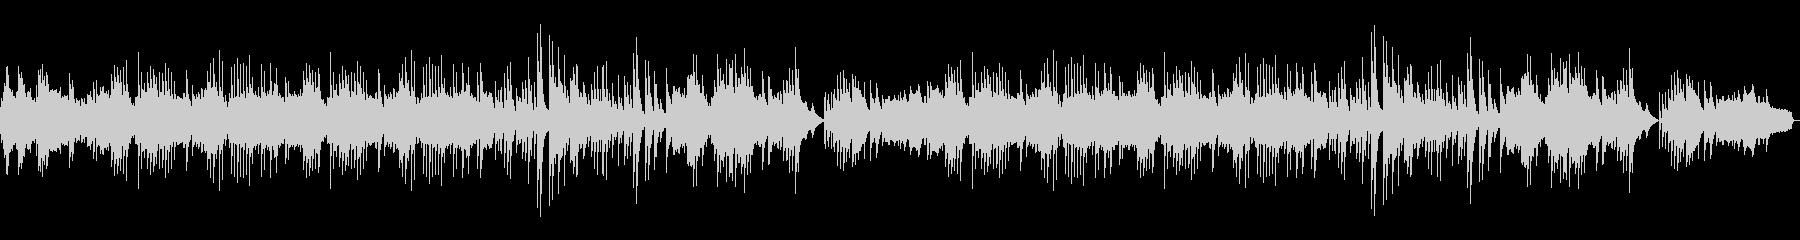 トロイメライを軽快なソロピアノでカバー3の未再生の波形